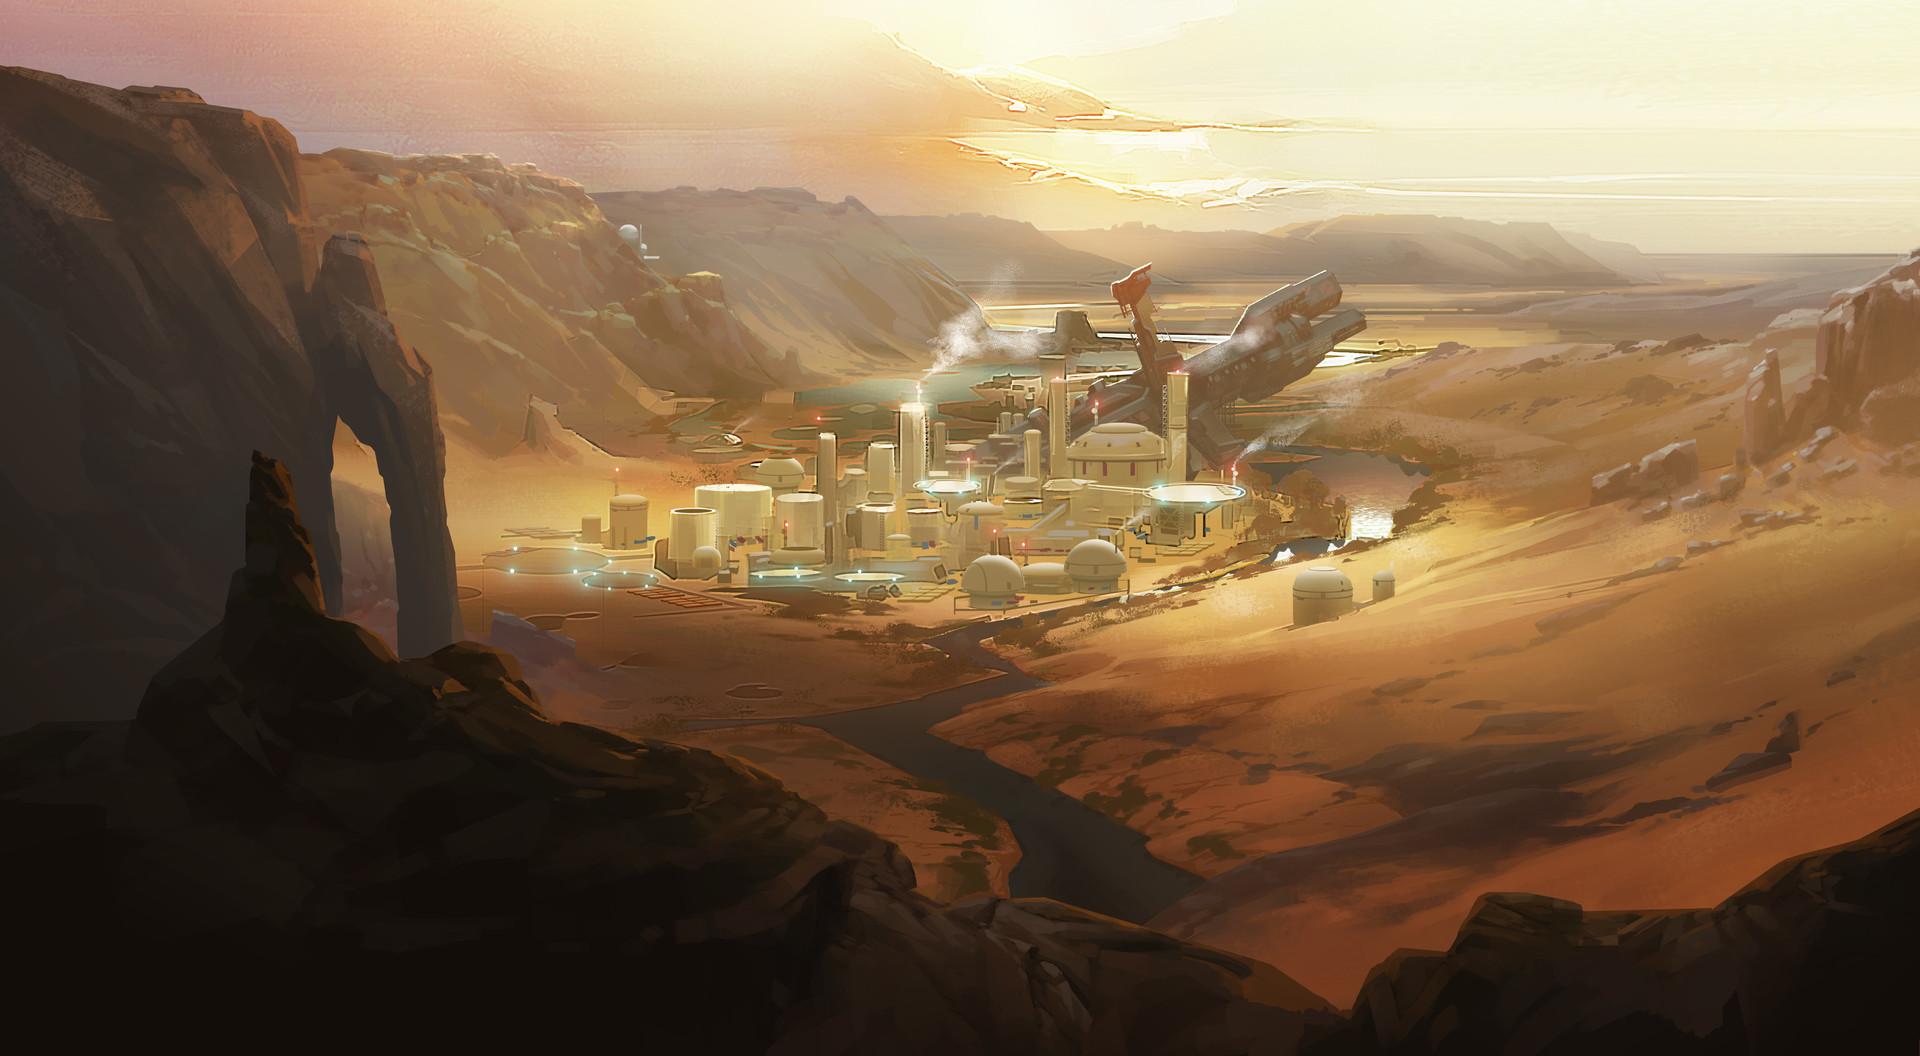 Arthur loftis rg000 bg a002 est wide dowshot on desert settlement v6 al